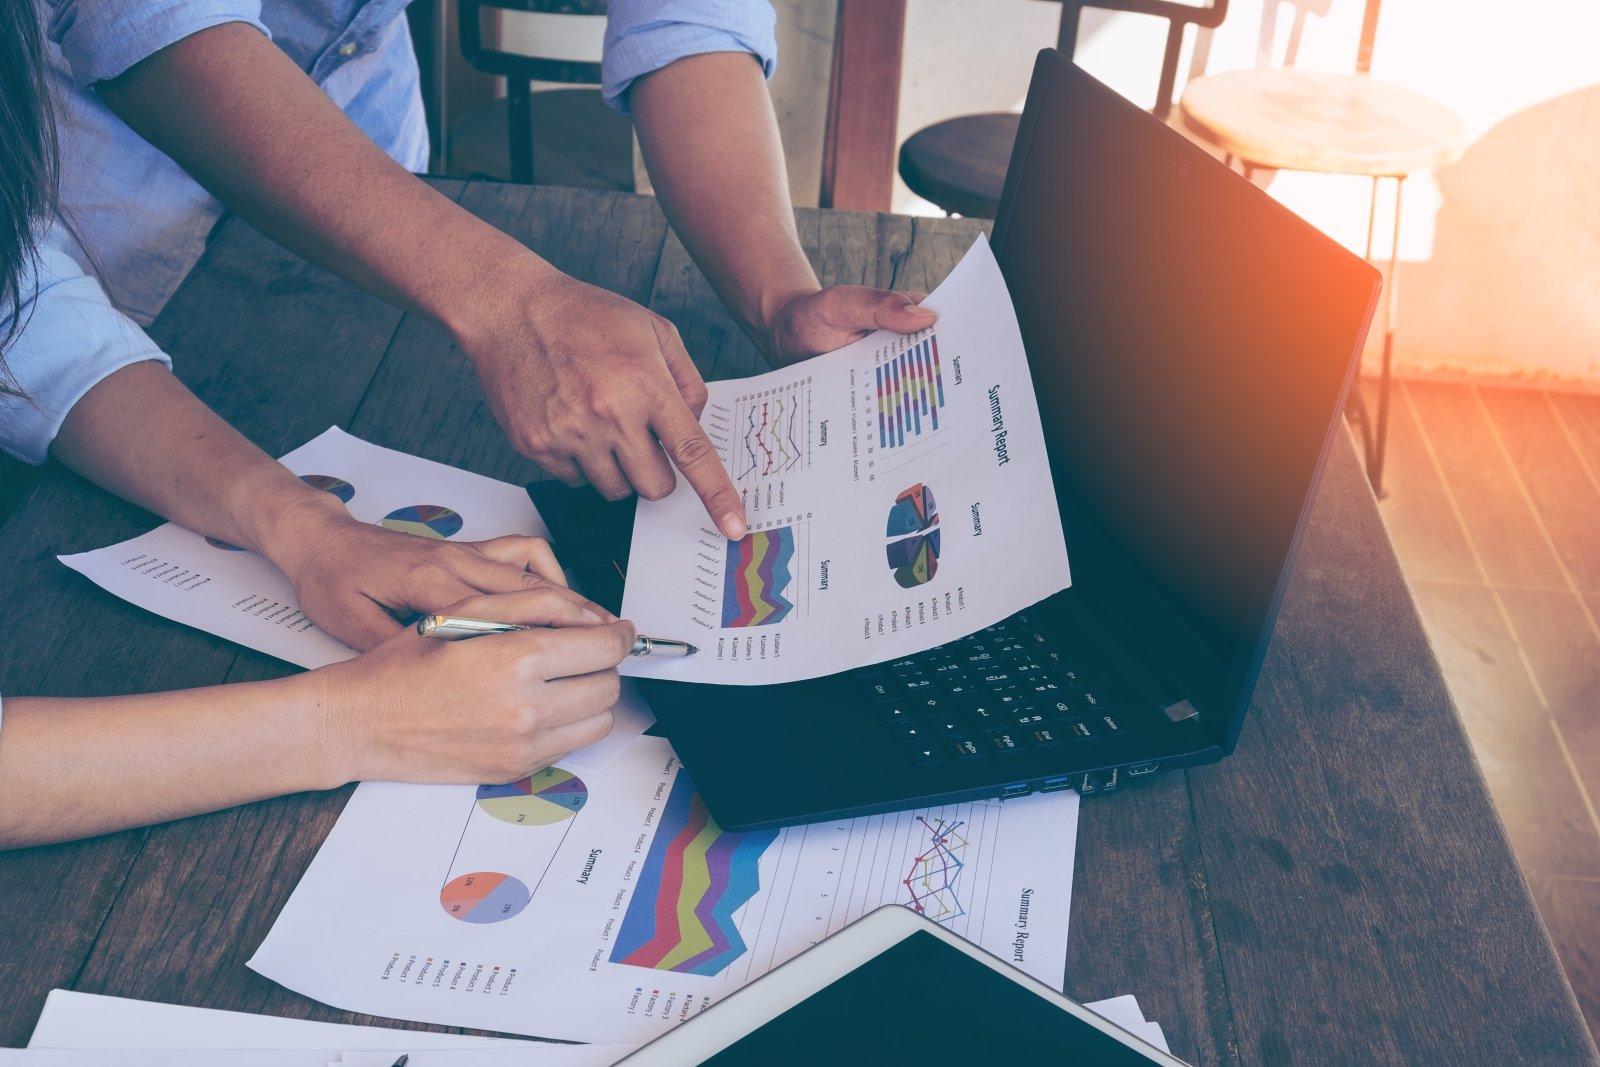 analisi e controllo documenti contabili e fiscali